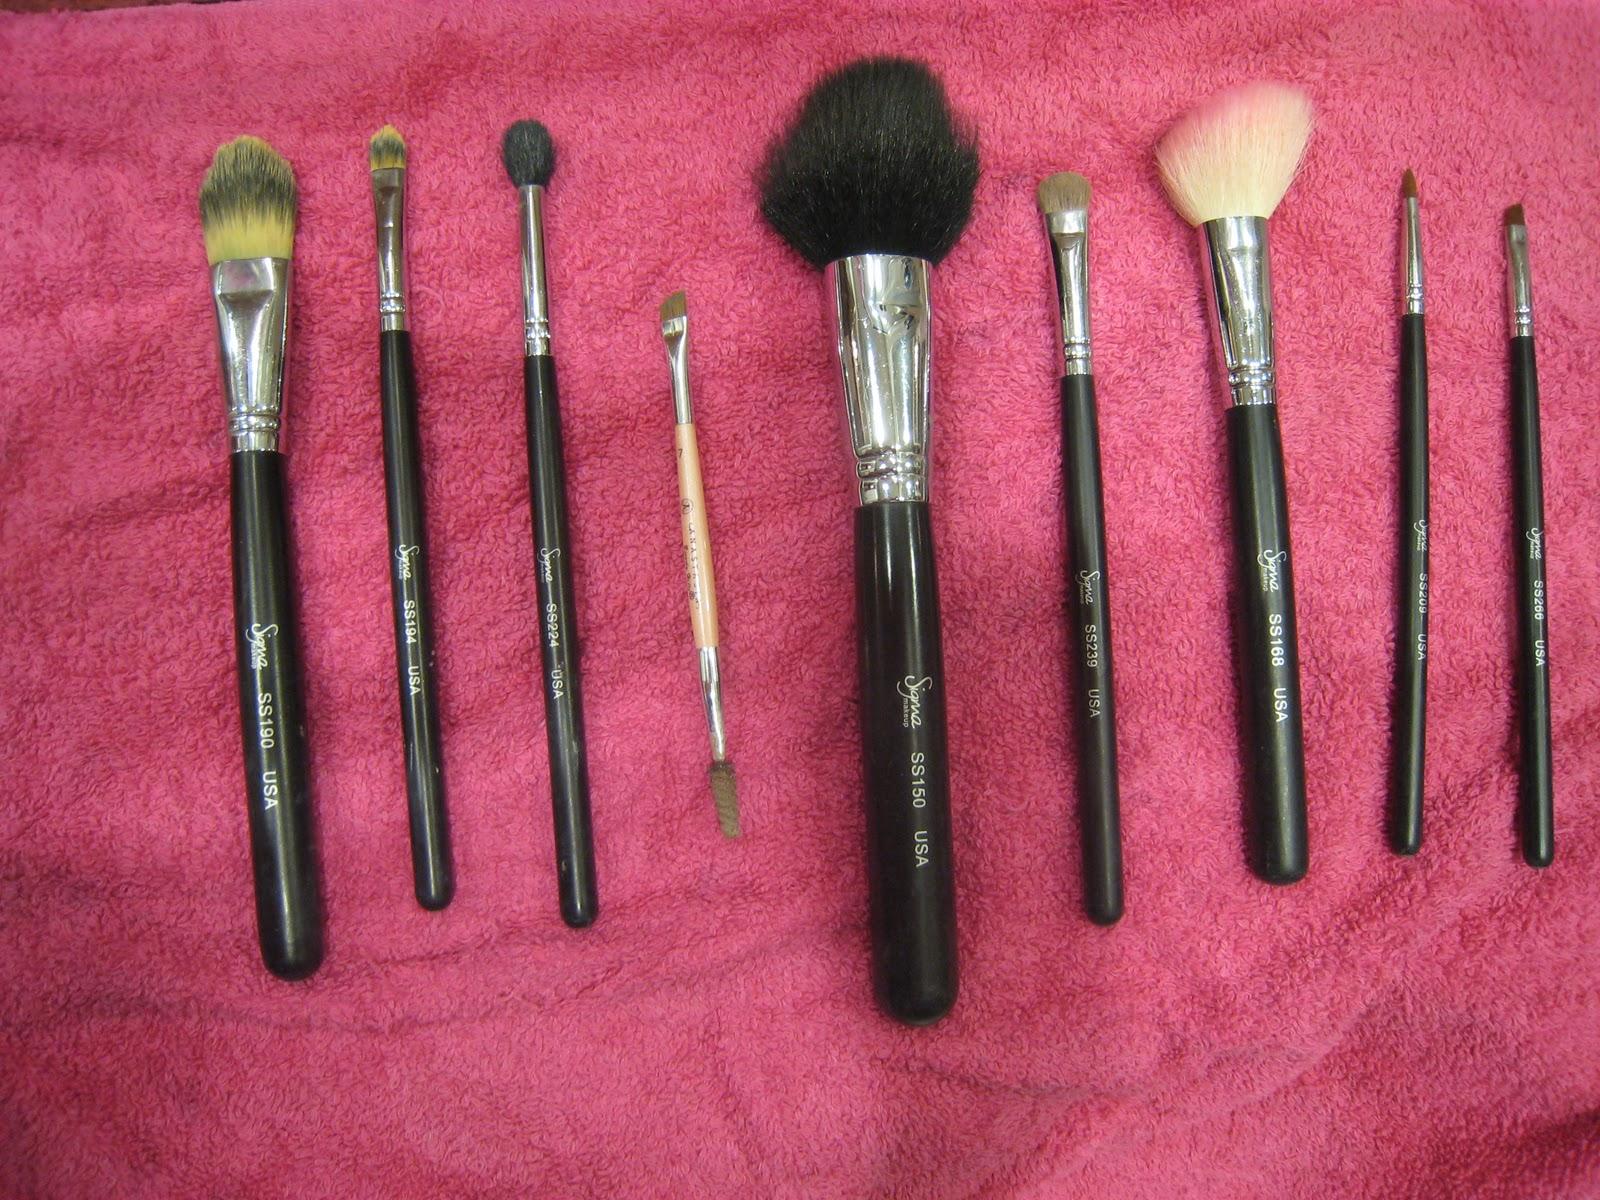 Sigma usa brushes